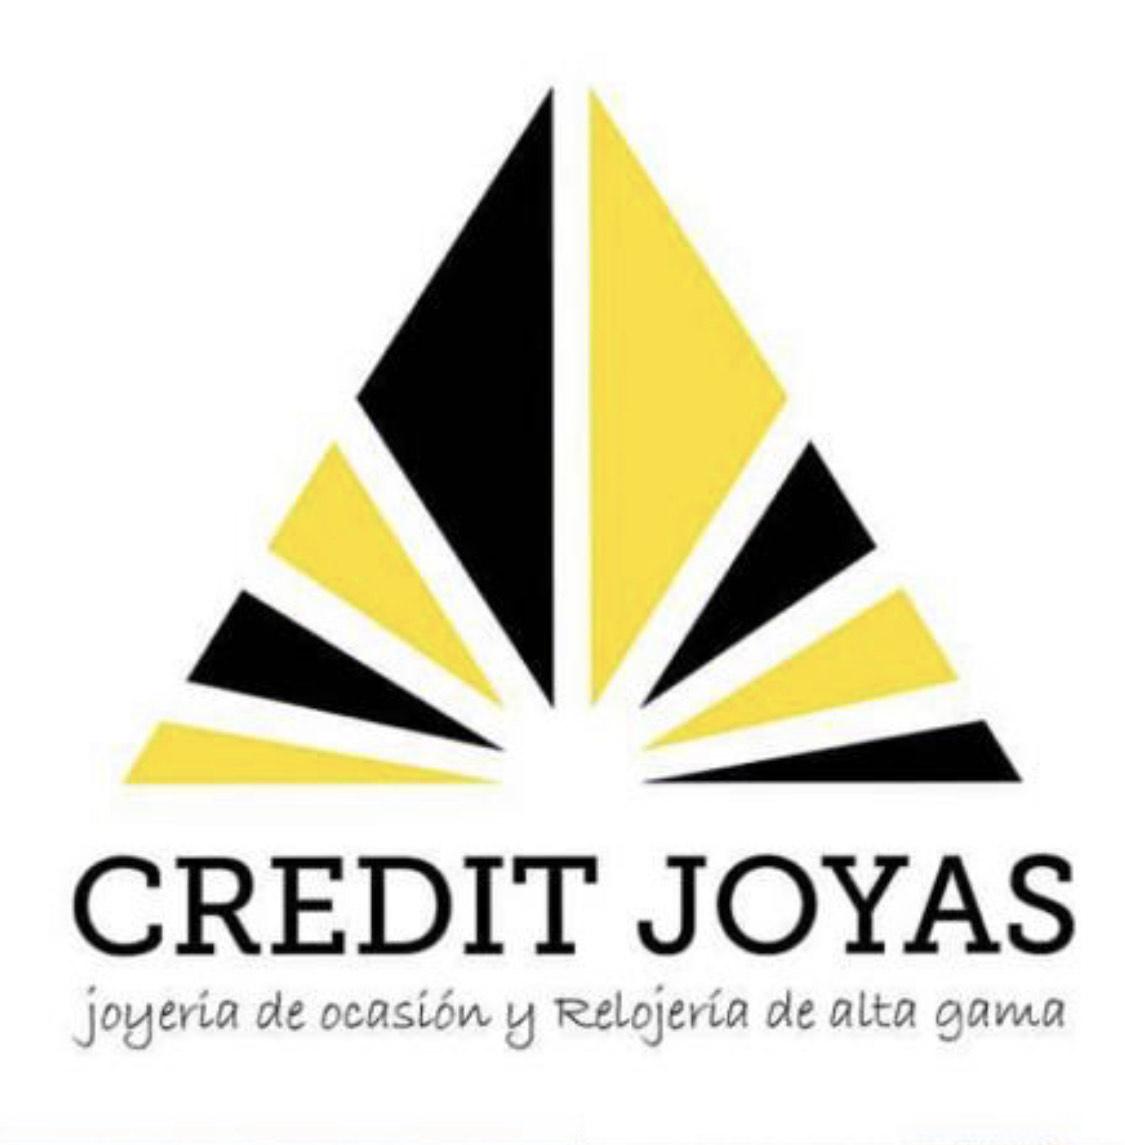 CREDIT JOYAS